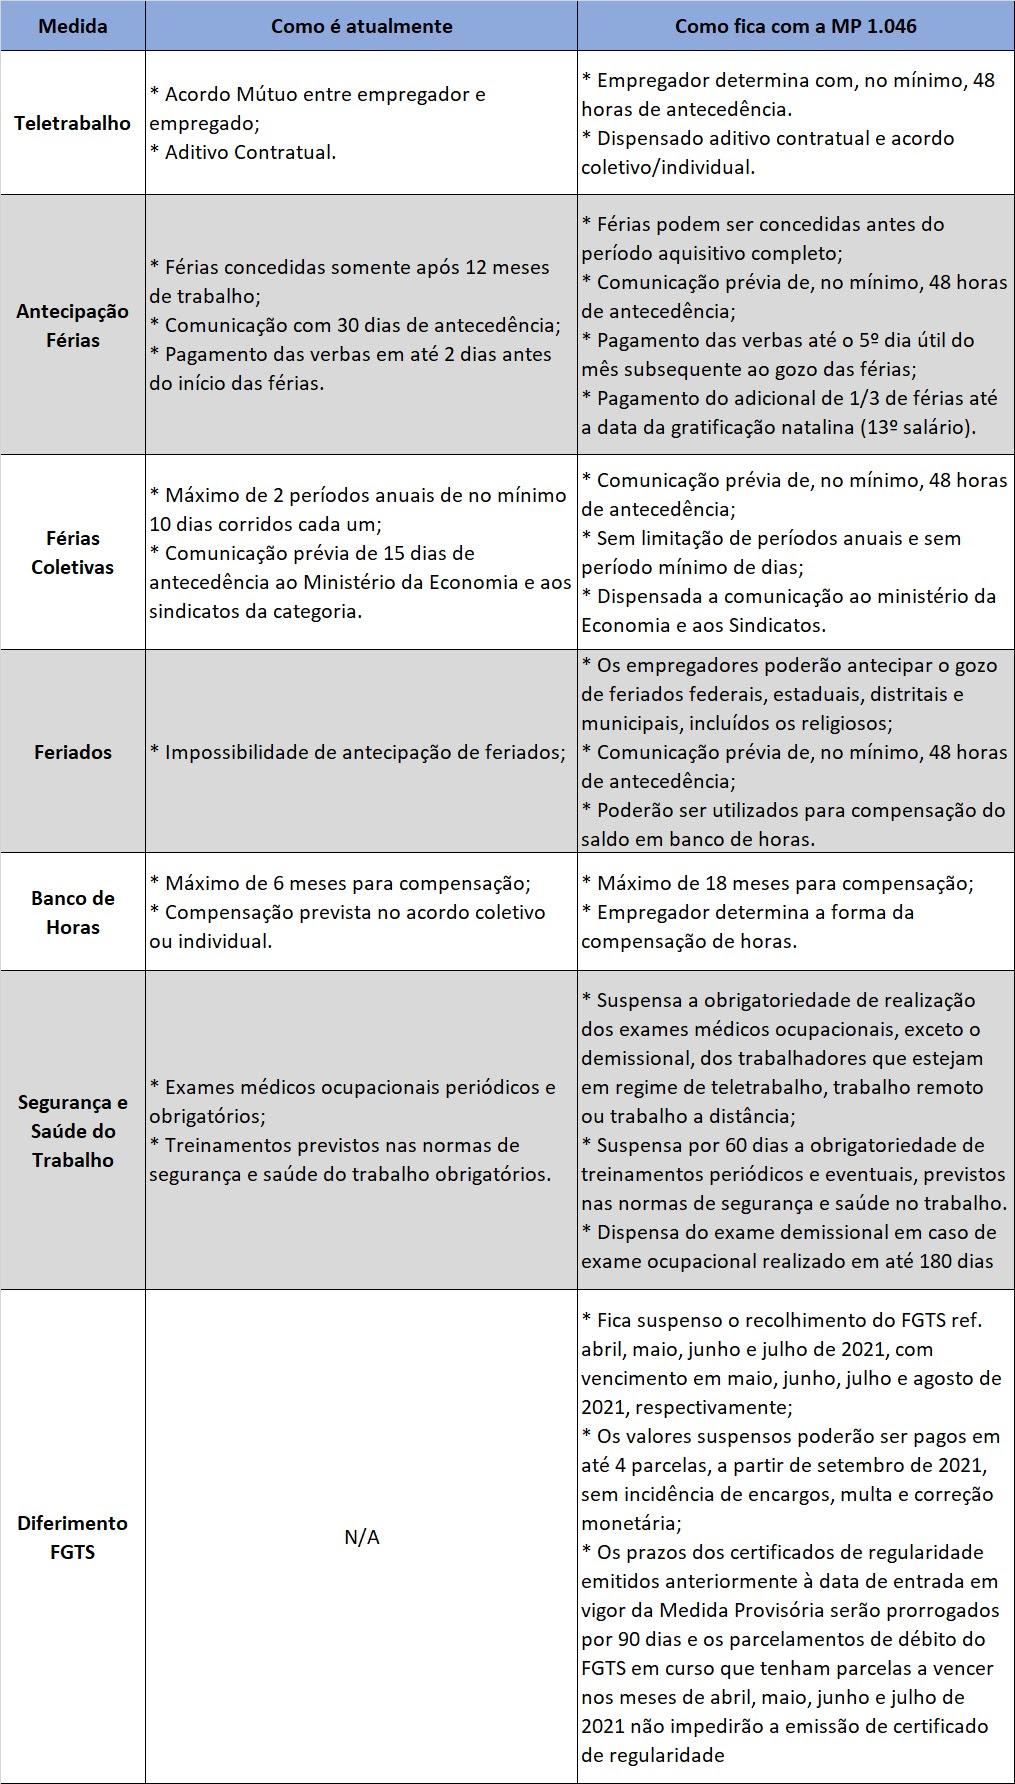 Tabela com as principais alterações da MP 1046